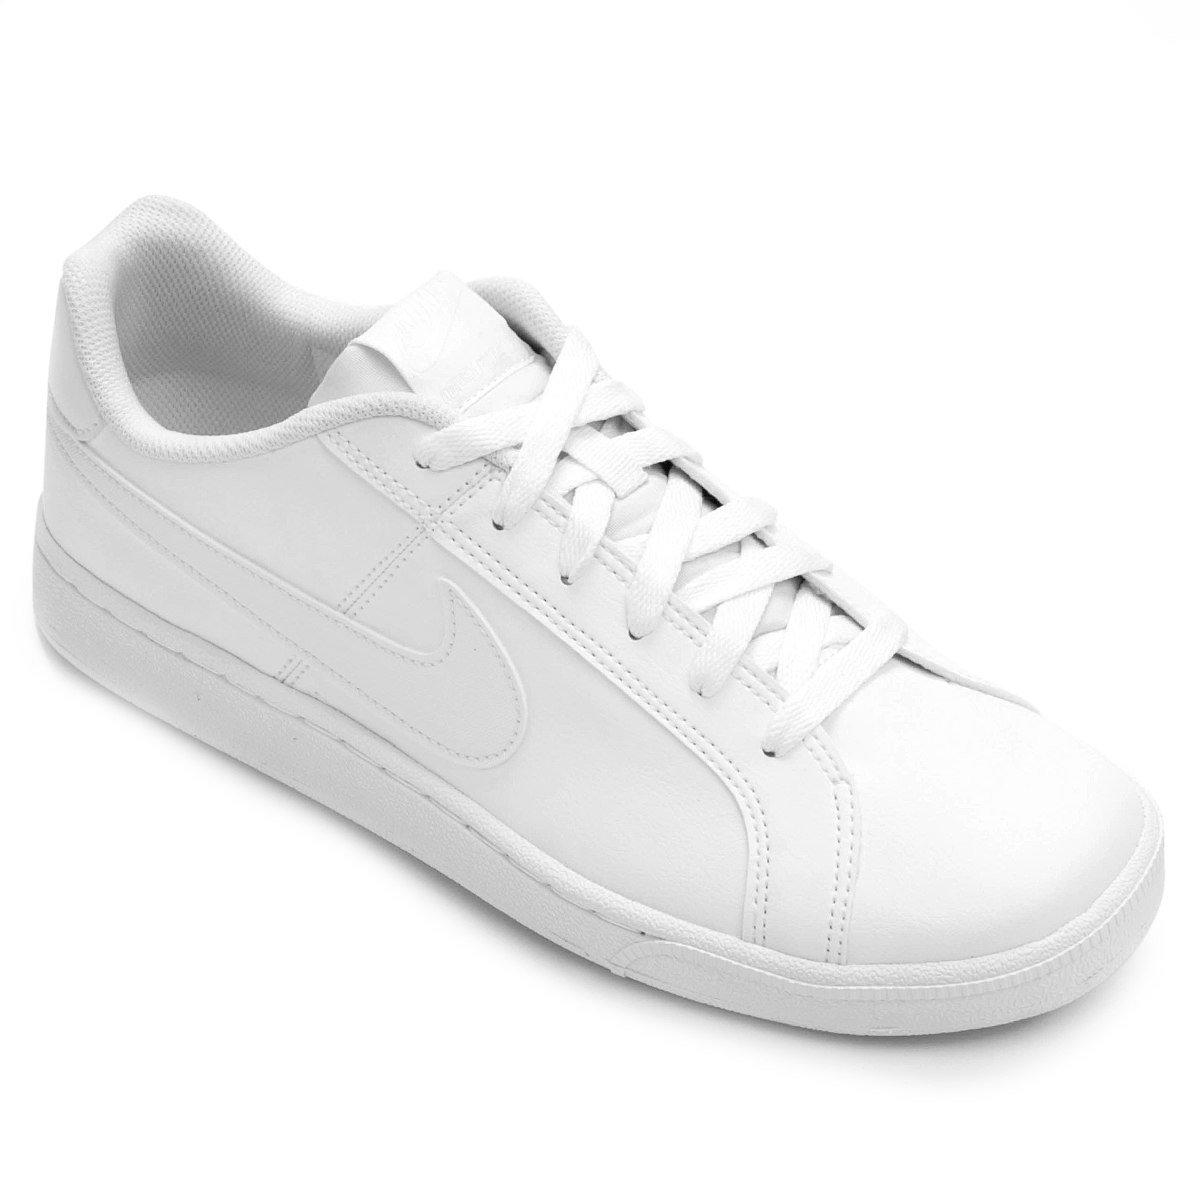 Tenis Nike Court Royale 749747-111  43386d2ab4b7e